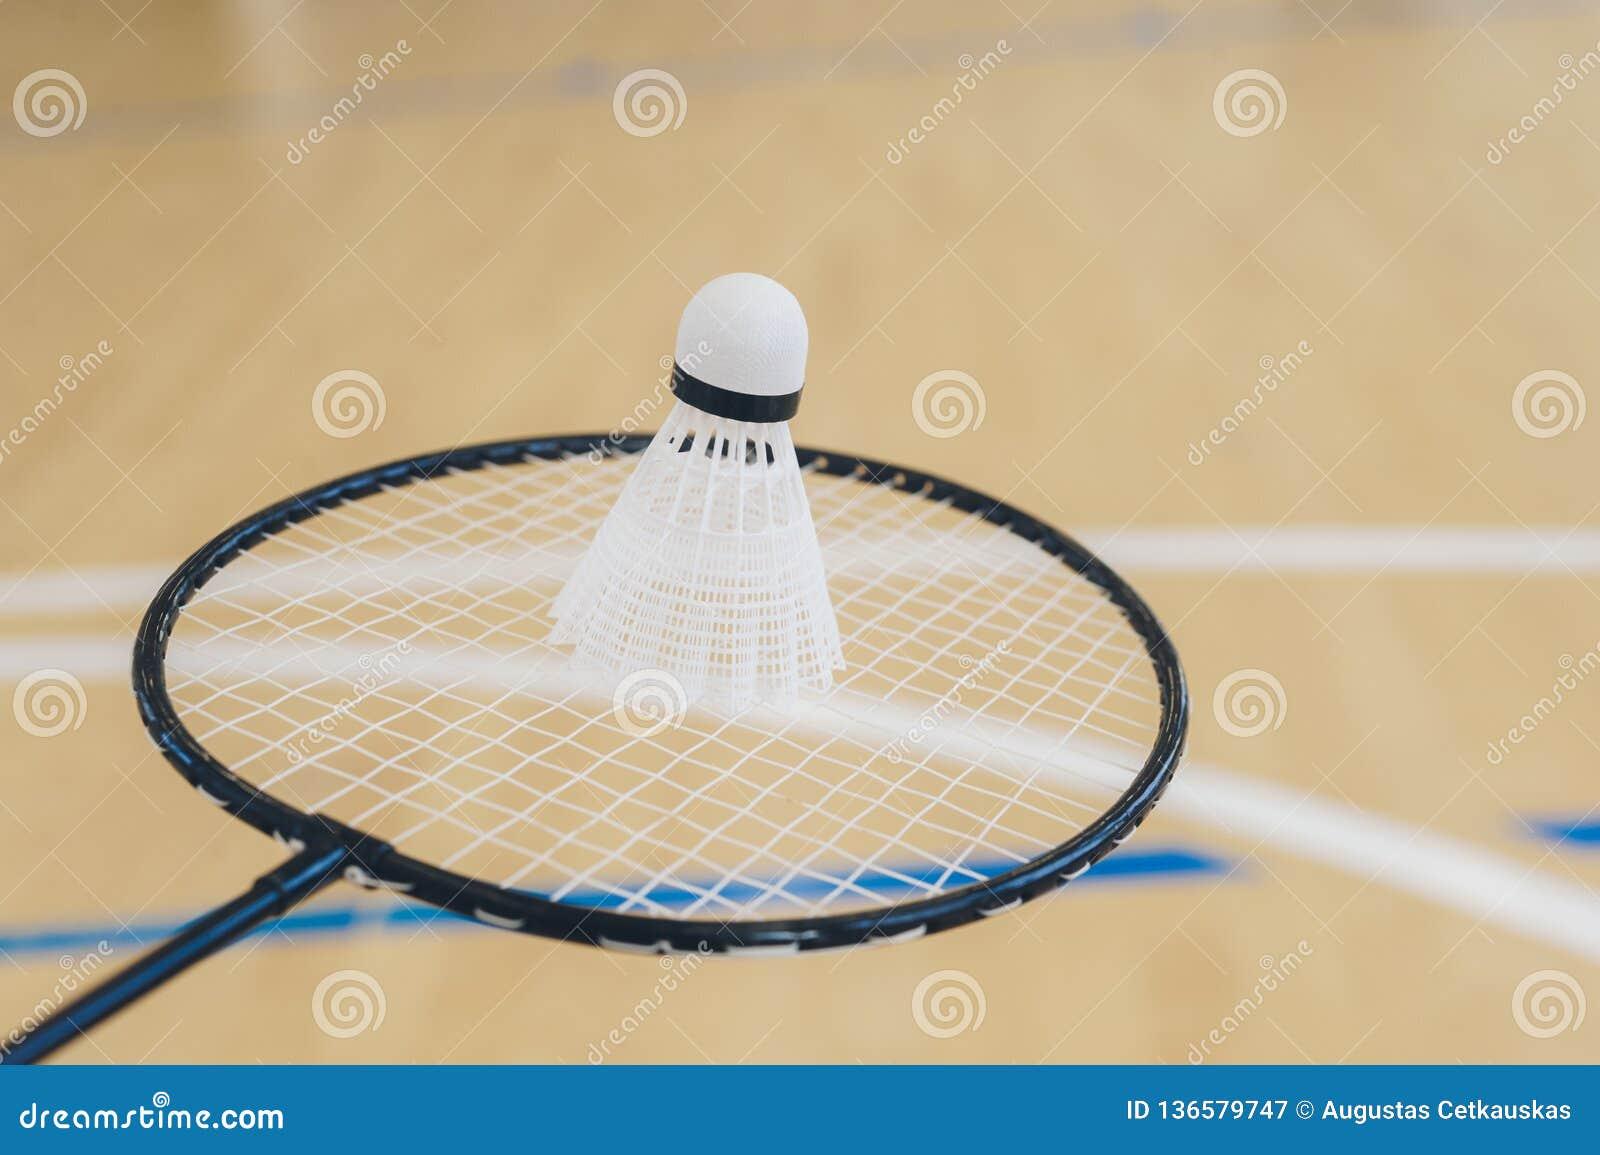 Vit badmintonfjäderboll på ett hallgolv på badmintondomstolar Stäng sig upp fjäderbollar på racketbadminton på badmintondomstolar